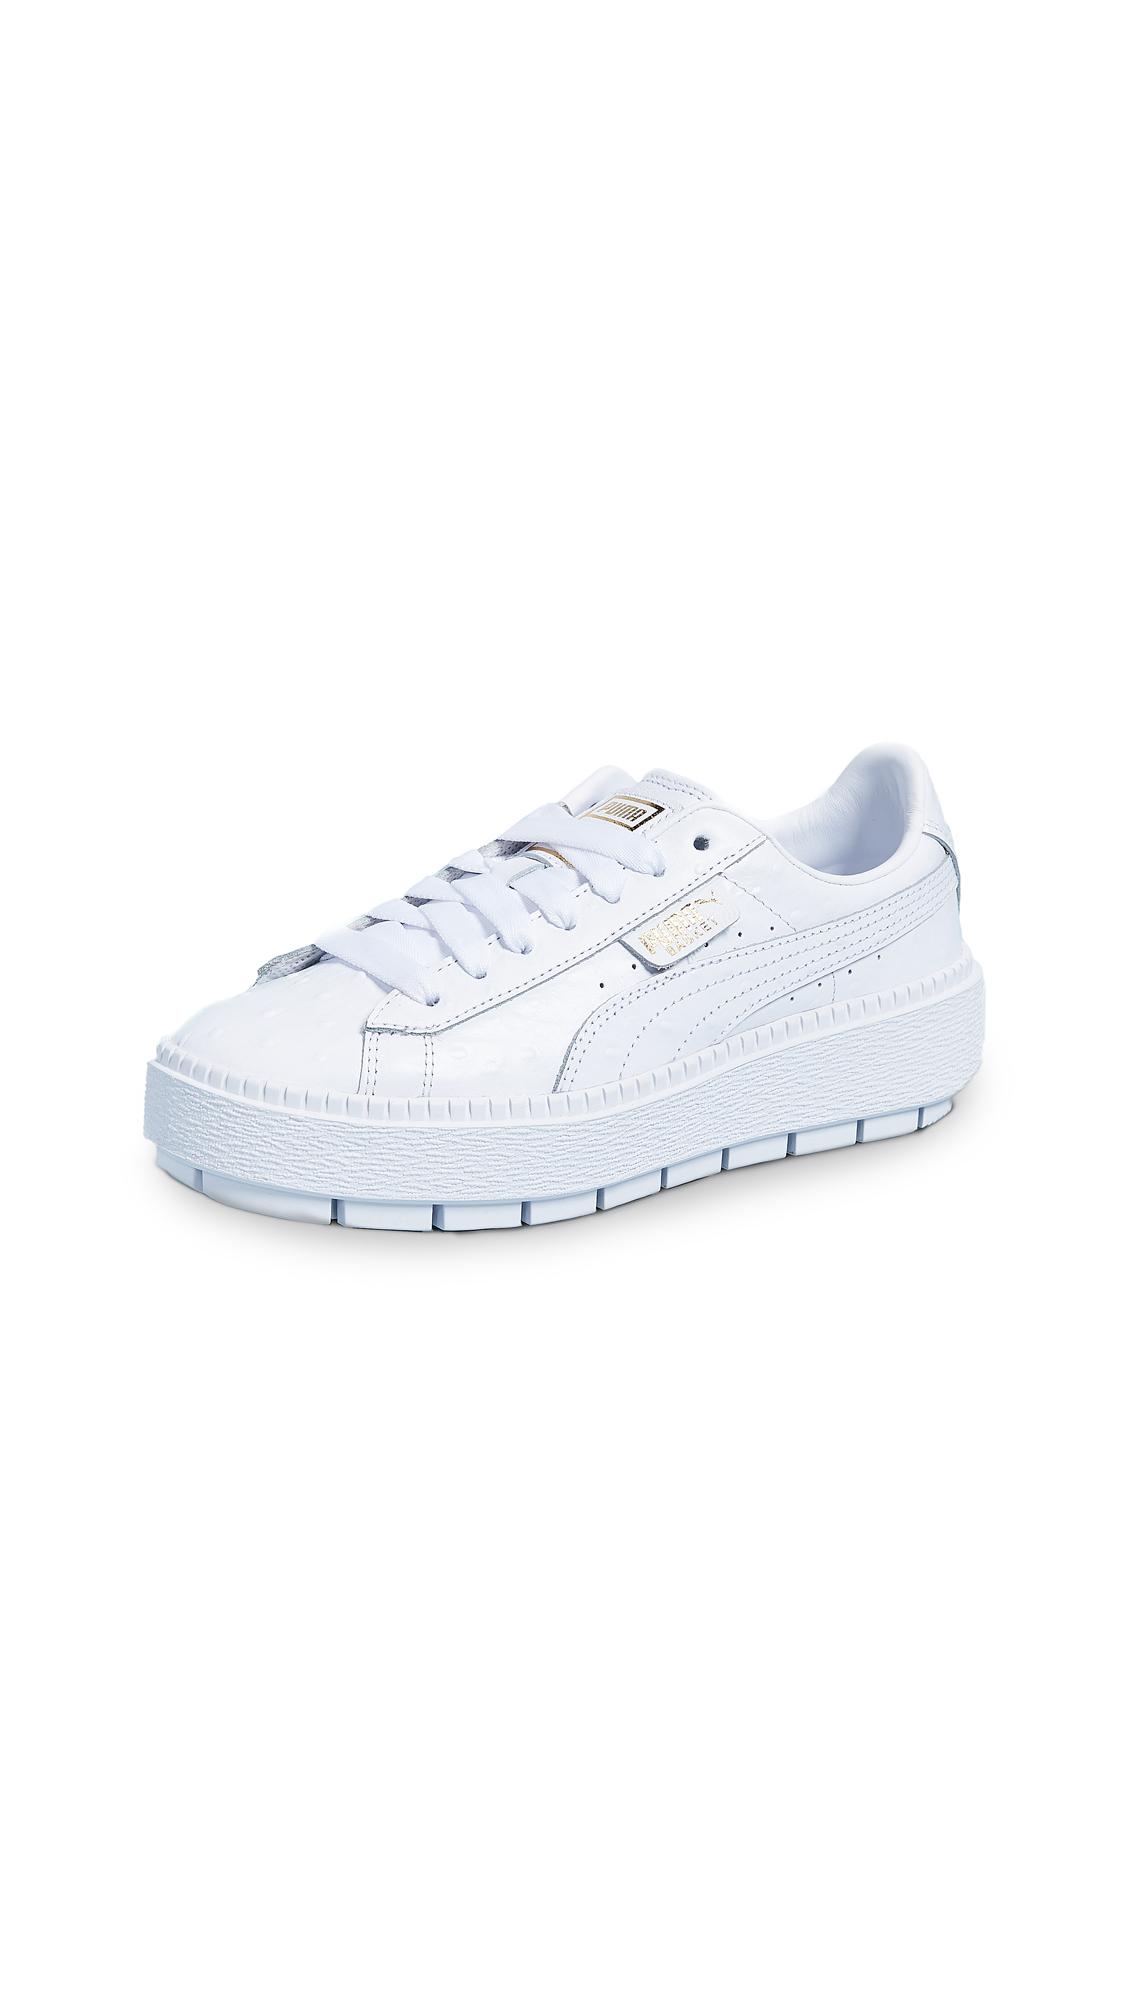 PUMA Platform Trace Ostrich Sneakers - Puma White